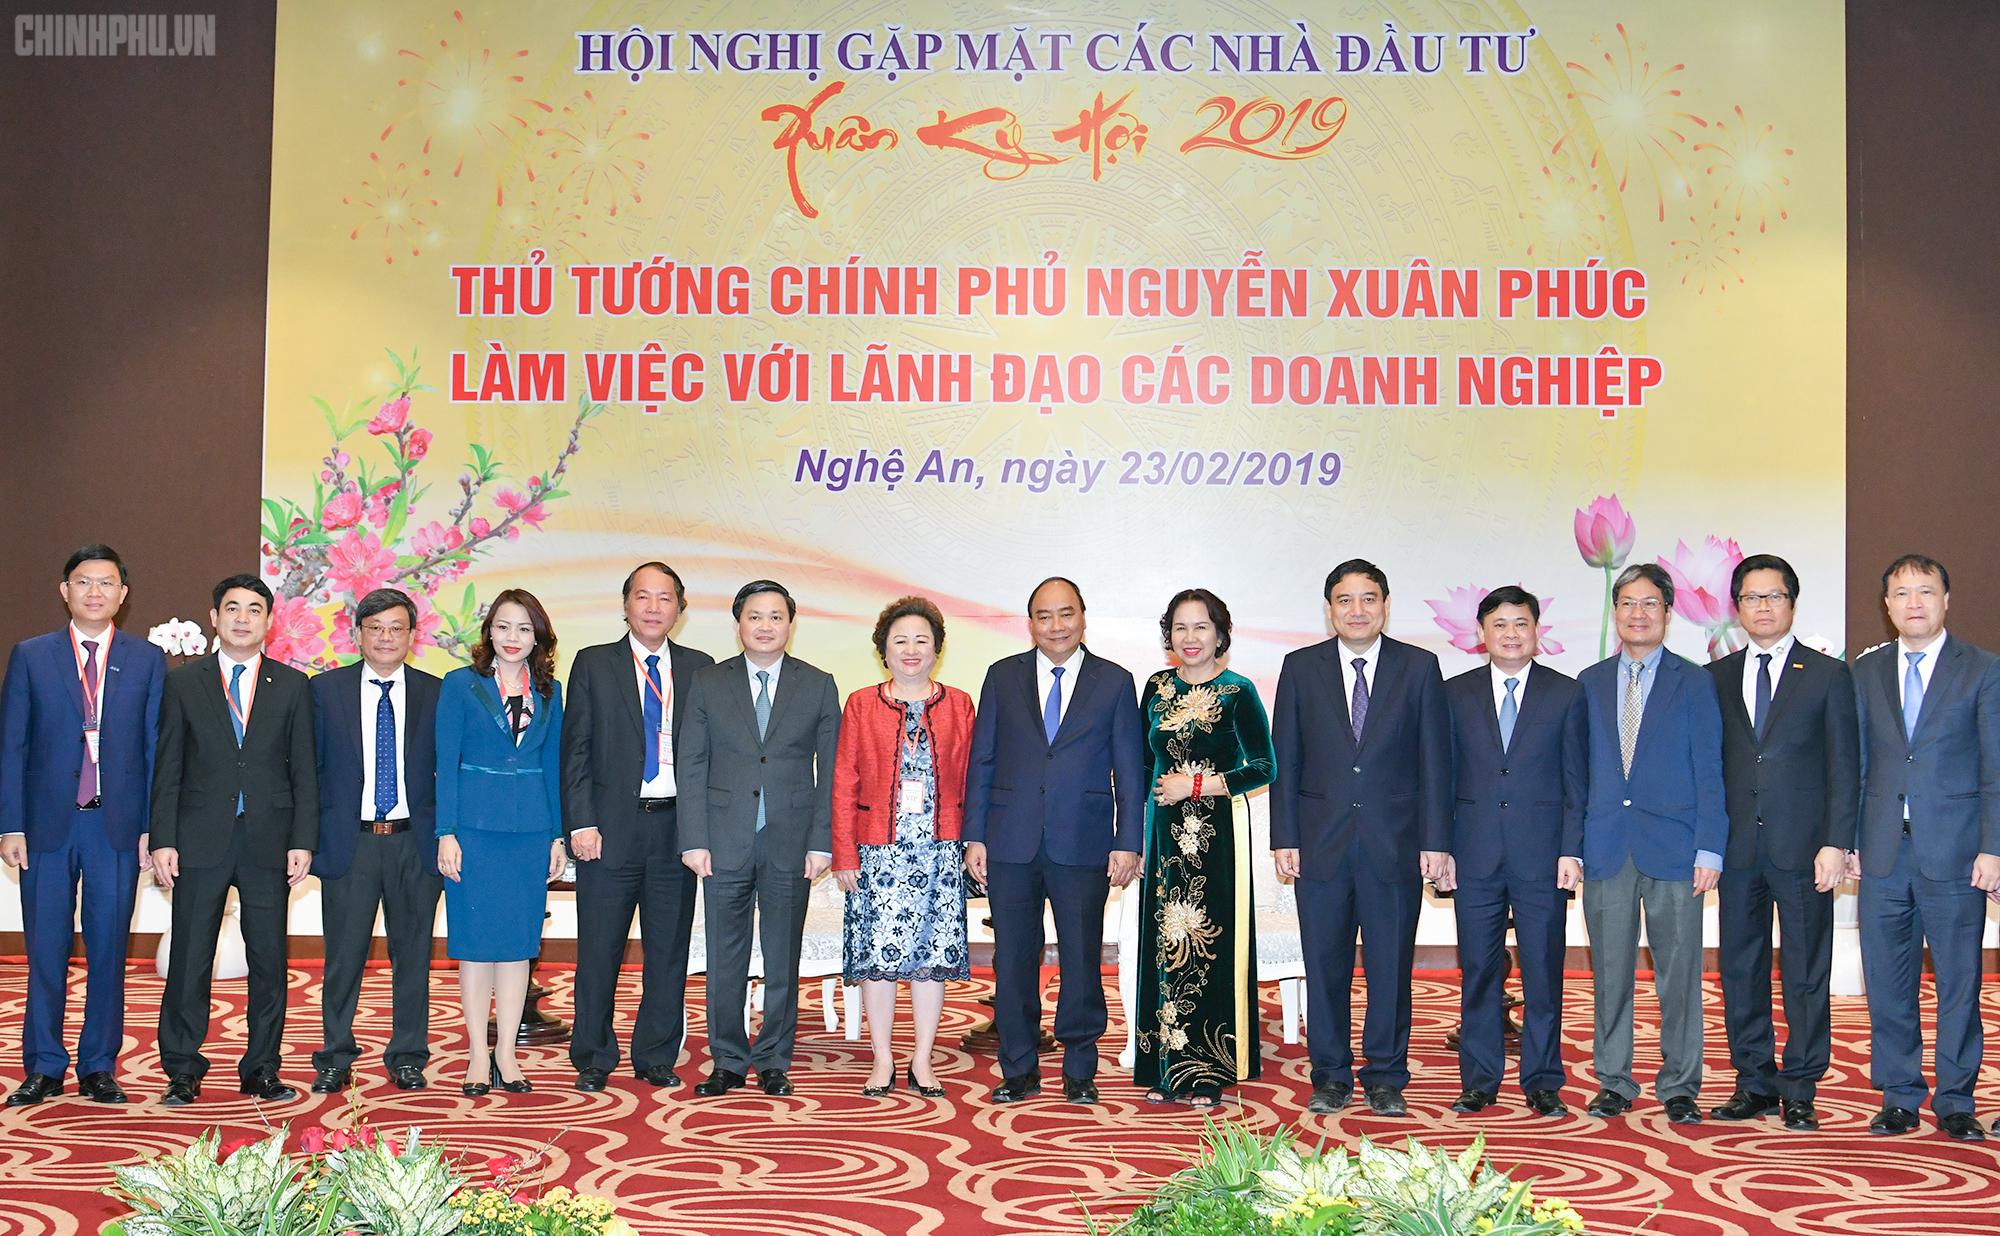 Thủ tướng Chính phủ Nguyễn Xuân Phúc tiếp các doanh nghiệp, nhà đầu tư tại Nghệ An